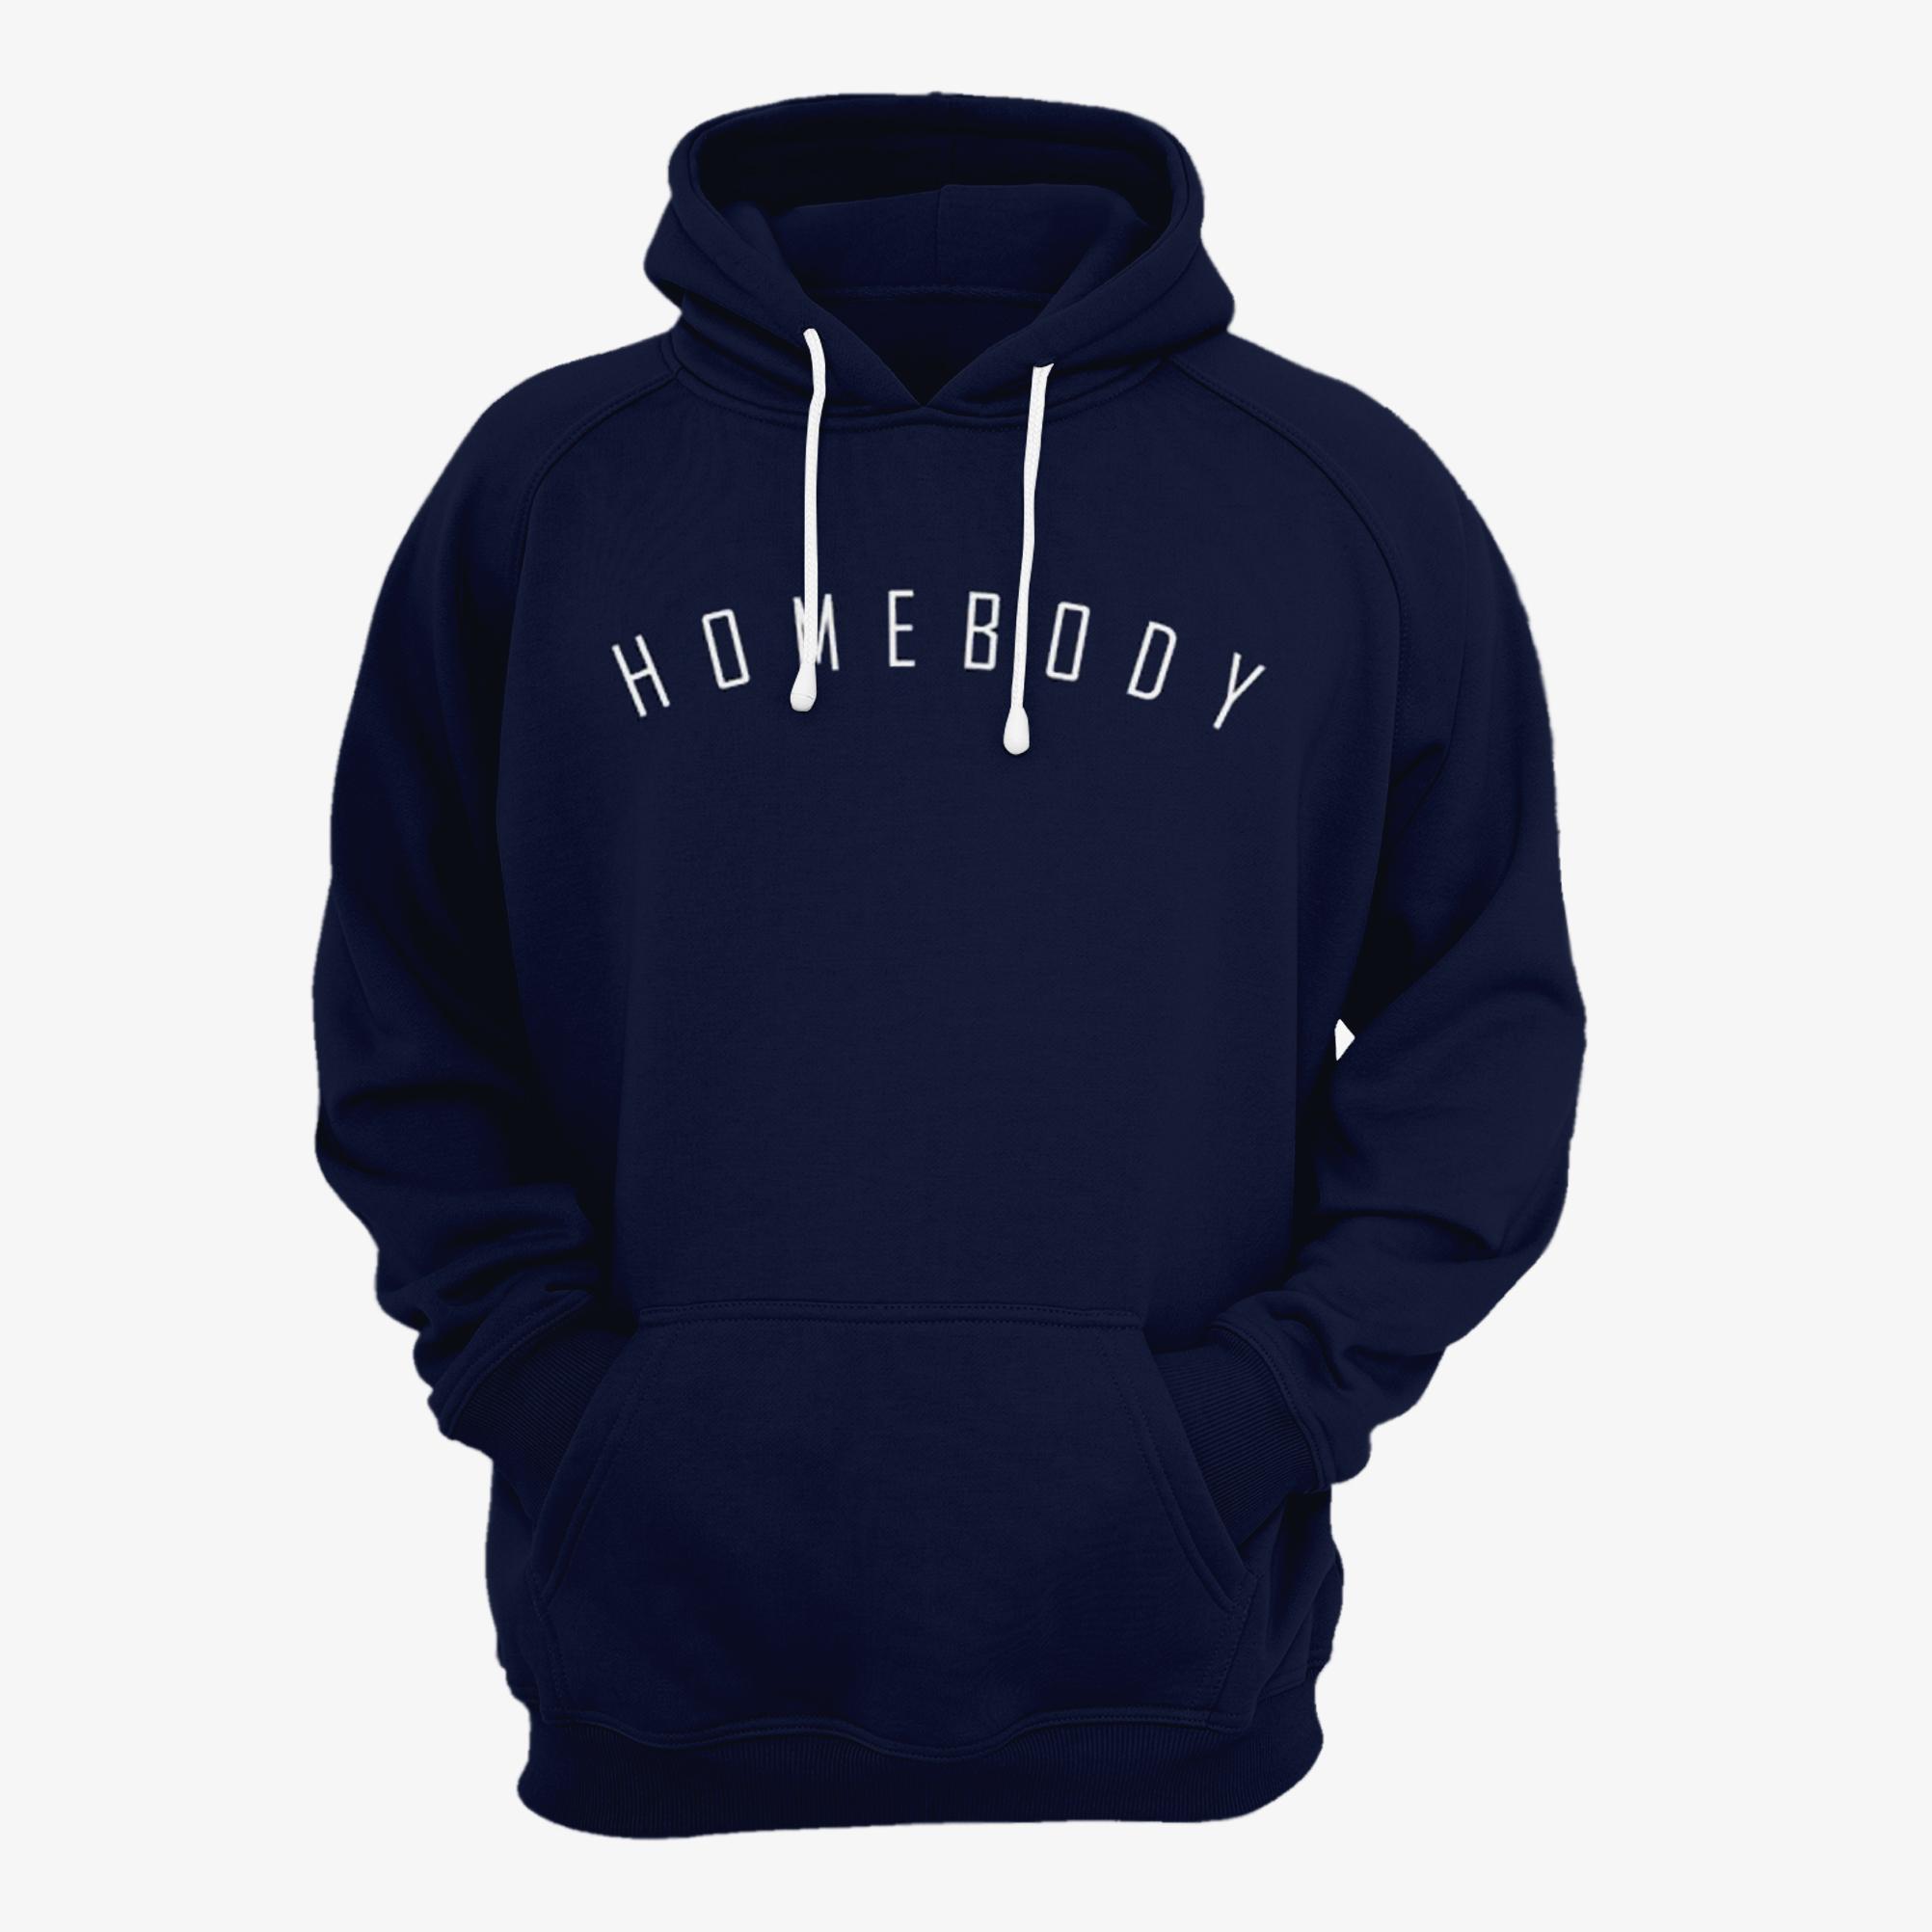 Homebody Hoodie